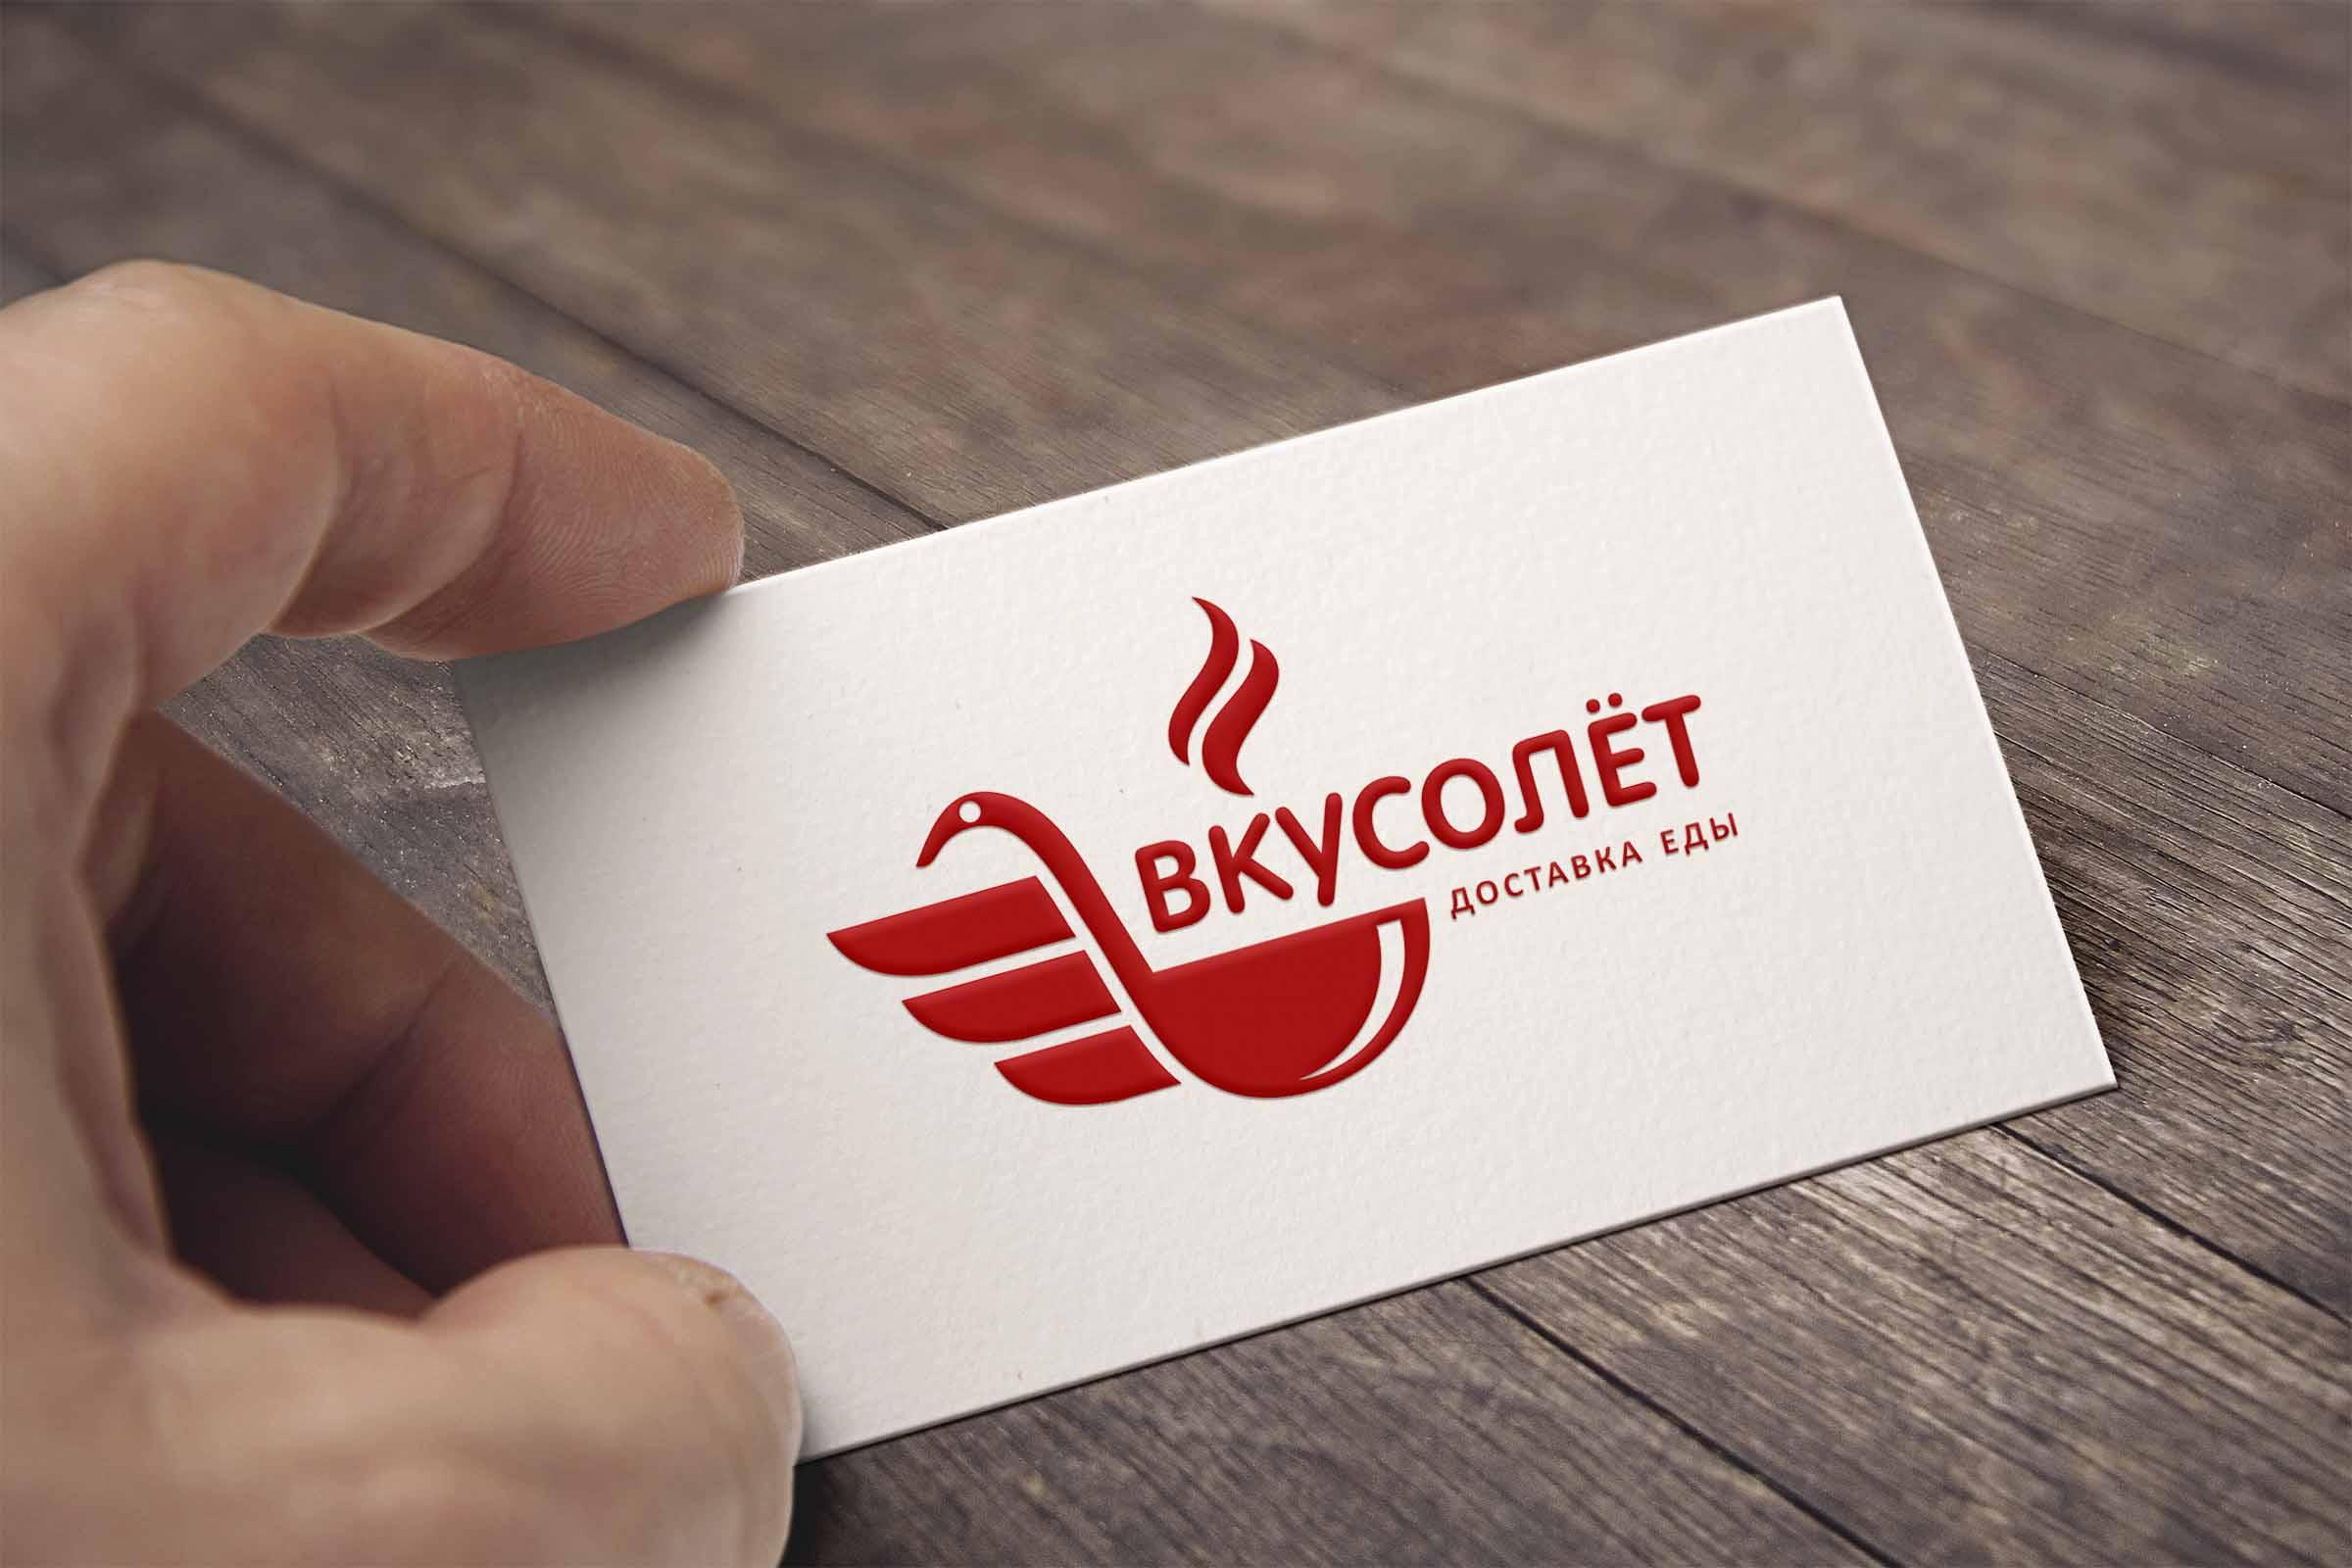 Логотип для доставки еды фото f_03059d75b8d7f2d7.jpg